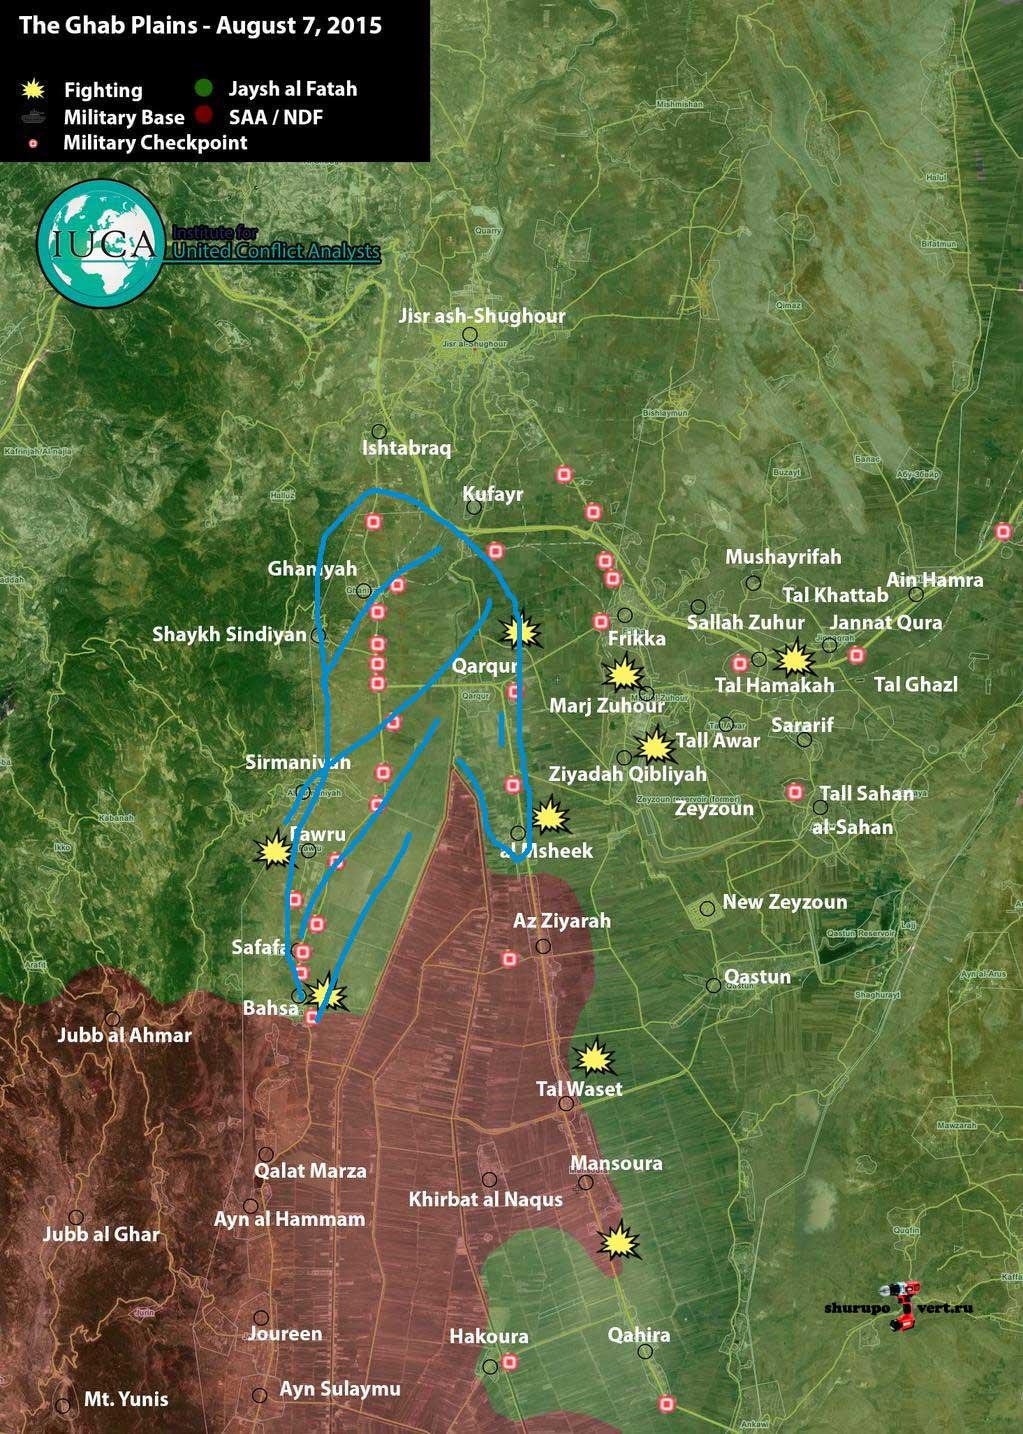 Карта ситуации в провинции Идлиб, на 07.08.2015